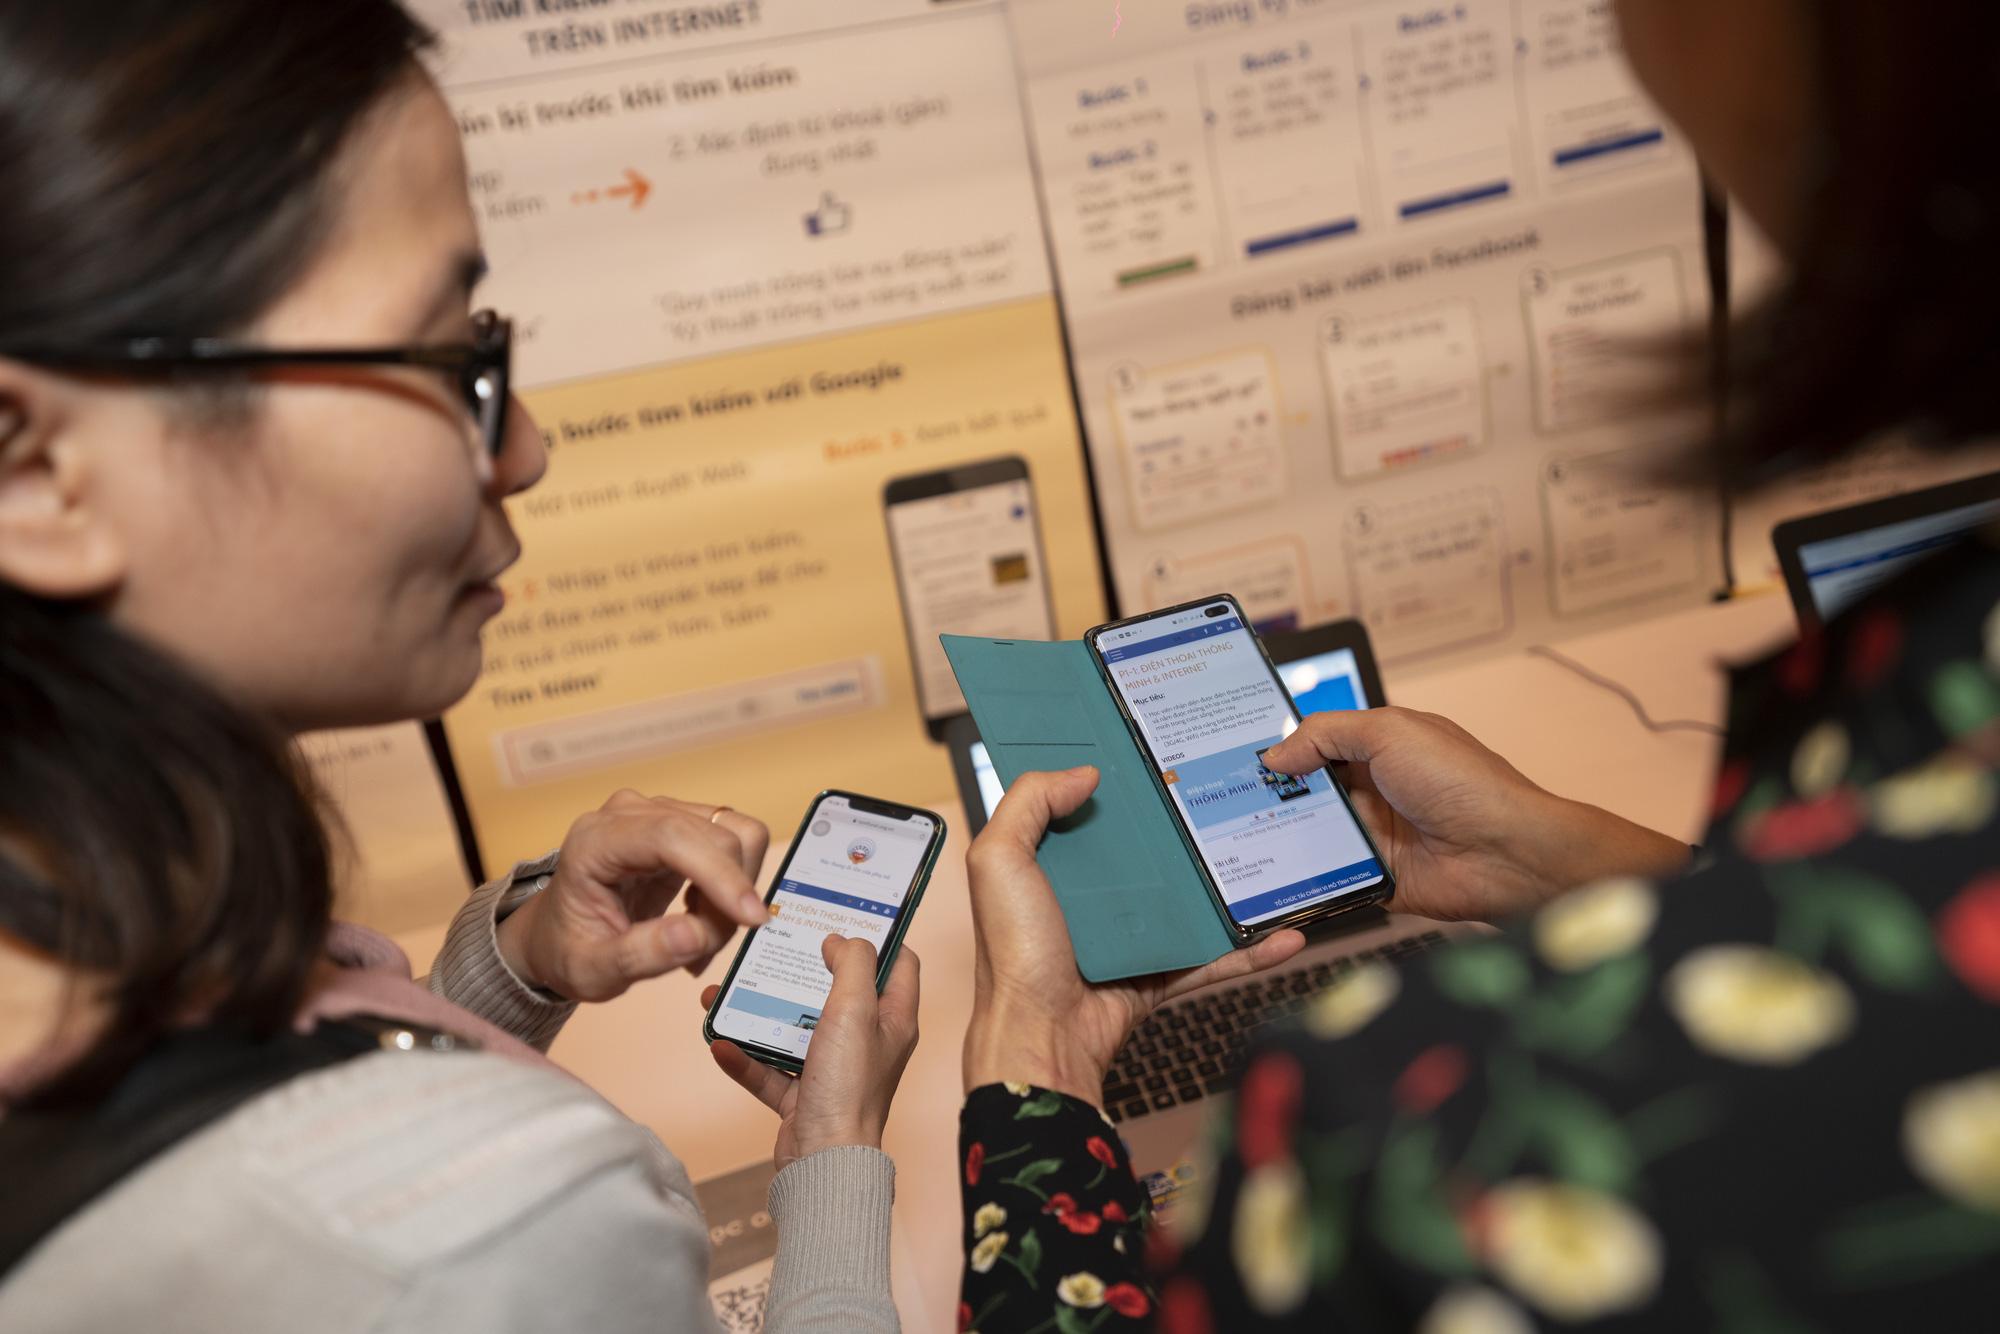 Google.org vào cuộc, giúp doanh nghiệp vi mô Việt Nam do phụ nữ làm chủ tiếp cận công nghệ số  - Ảnh 2.